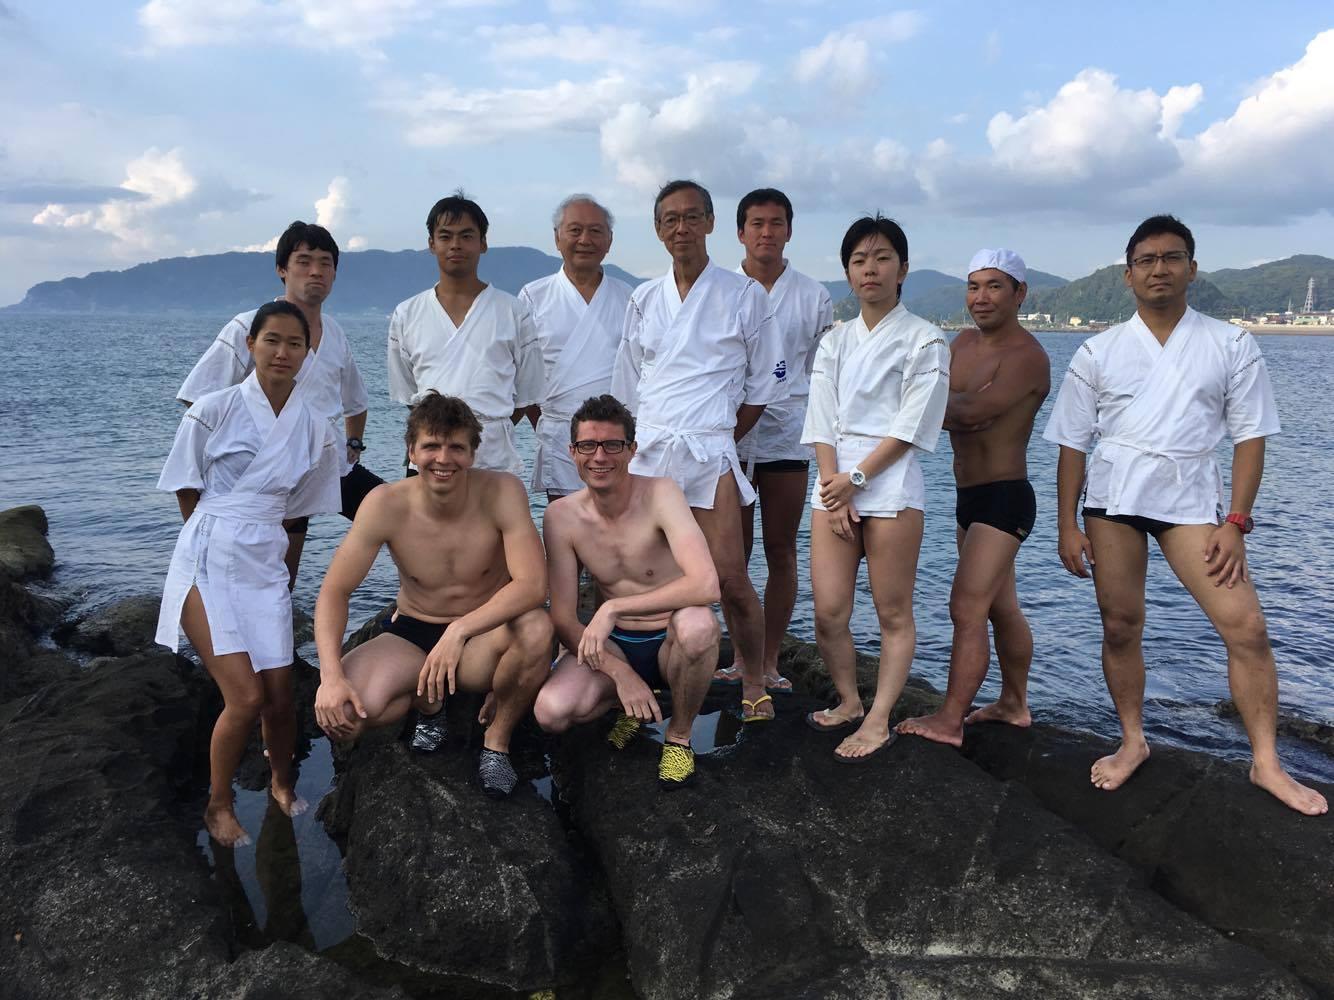 Przedstawiciele szkoły Shinden-ryu oraz my. [fot. Aiko Tachi]